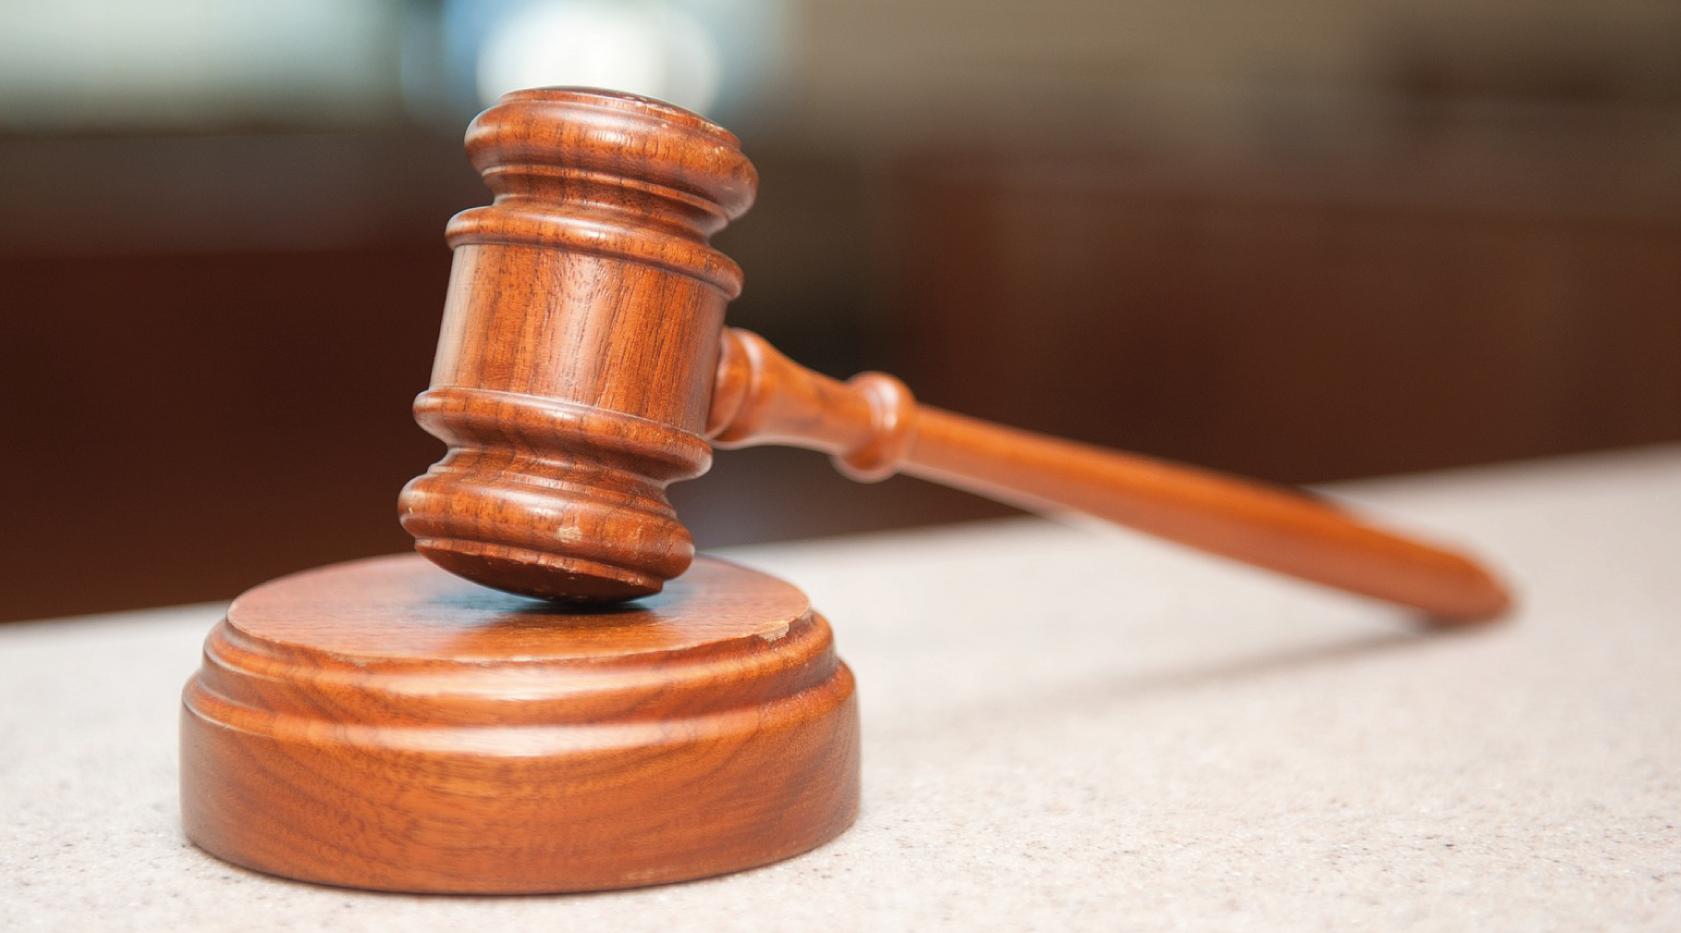 Ações tributárias prosperam na Justiça em virtude da Covid-19